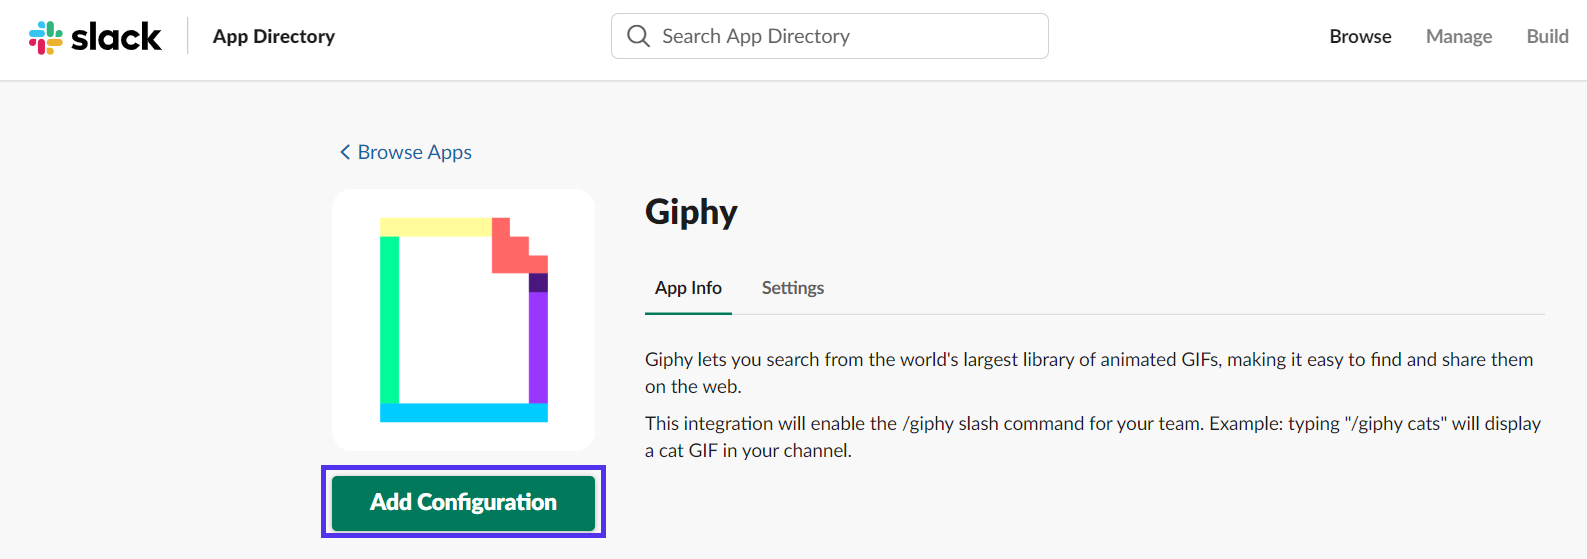 Giphy configuratie toevoegen